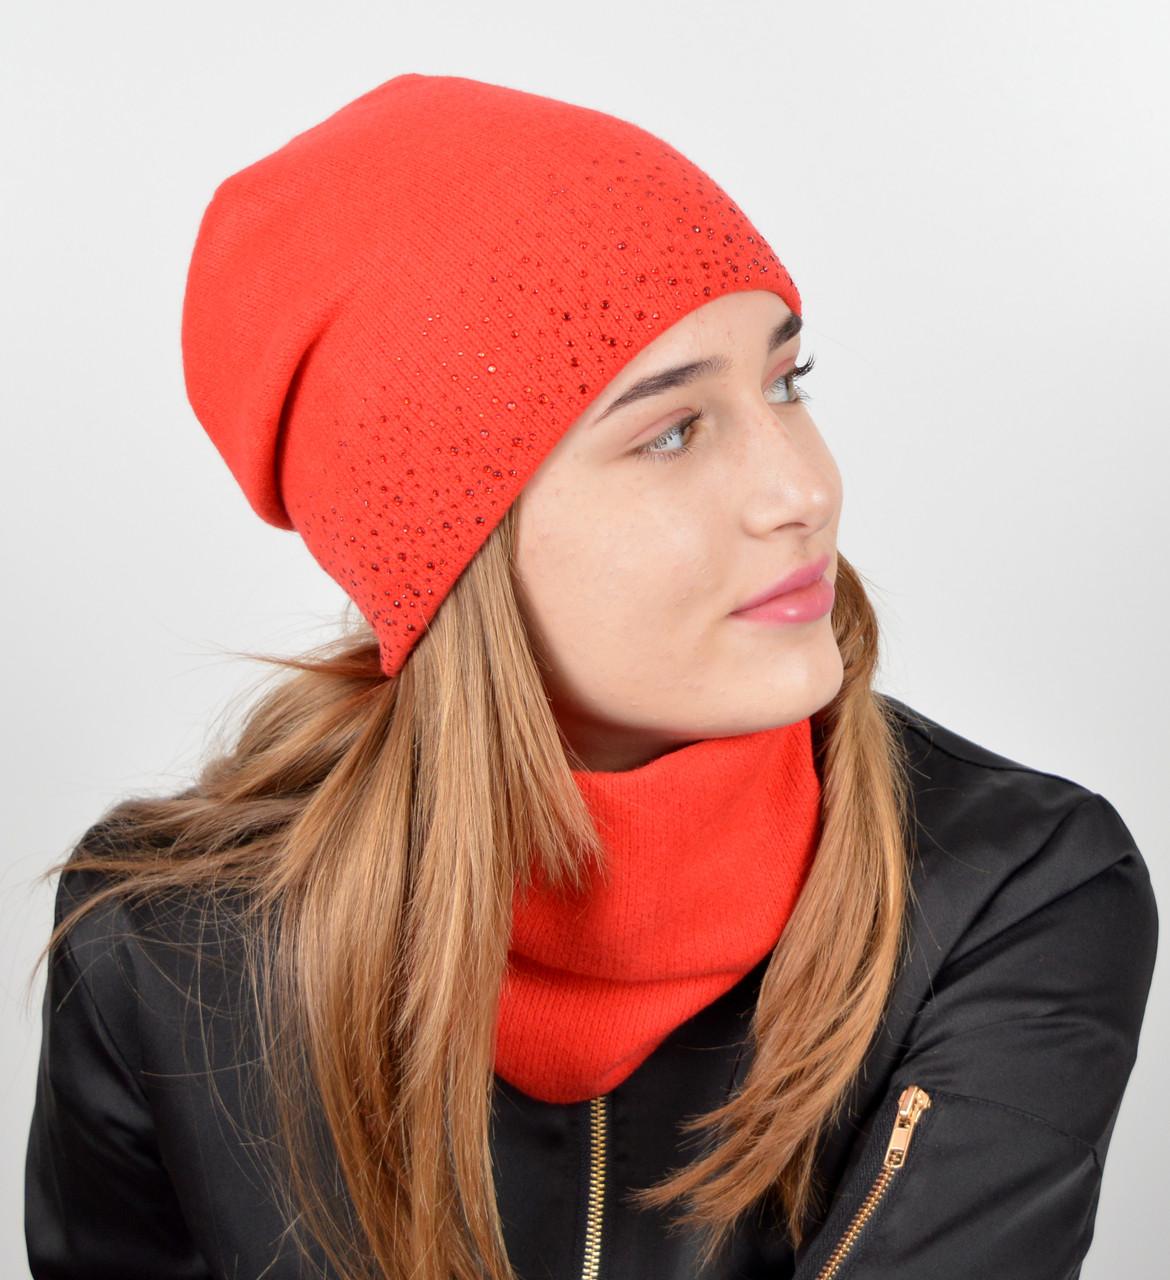 Детский комплект (шапка+хомут) оптом. Купить детские шапки оптом в ... 12b91142e102a